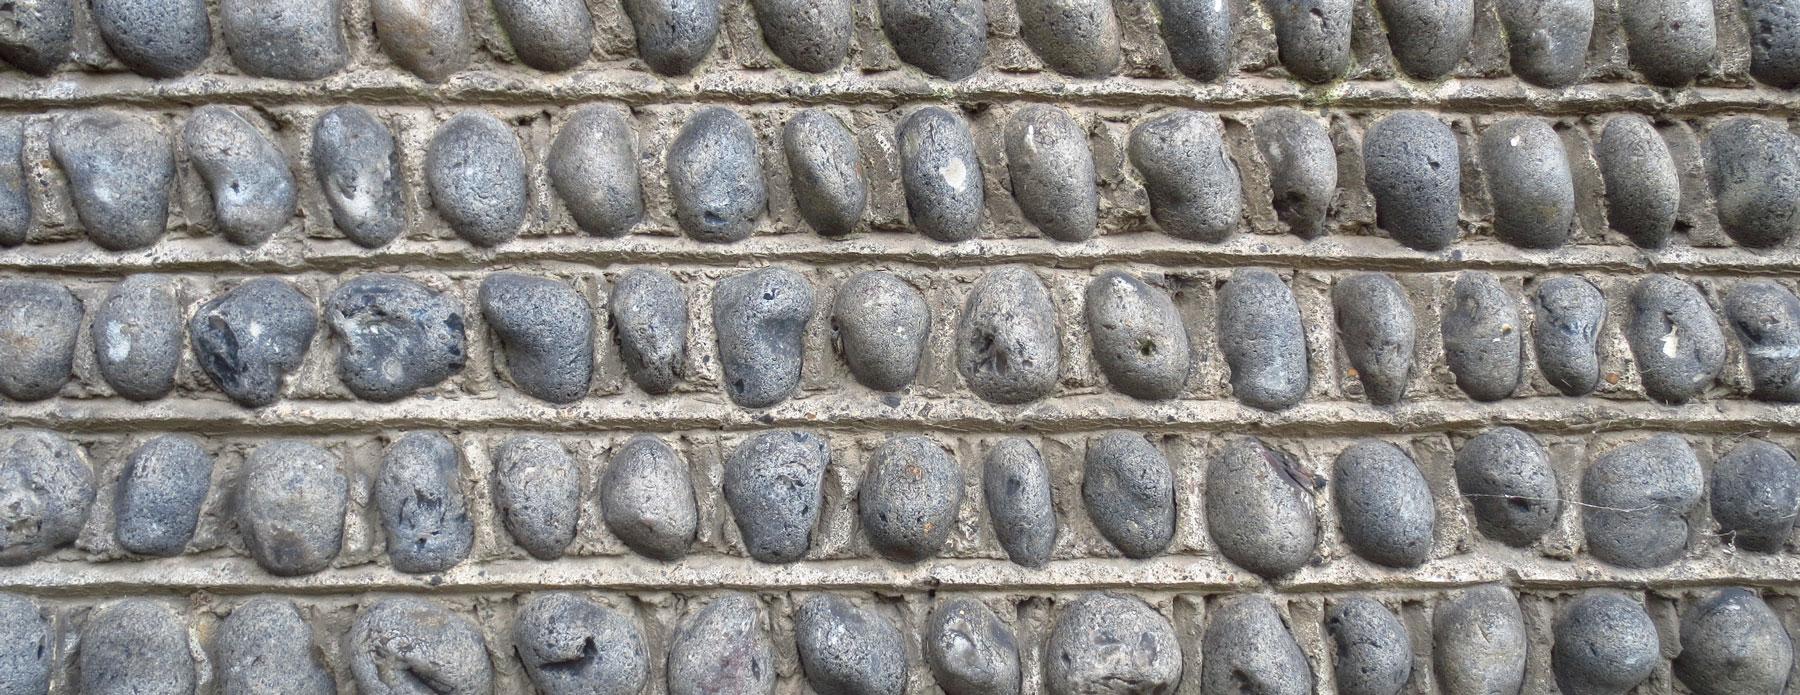 cobbles1